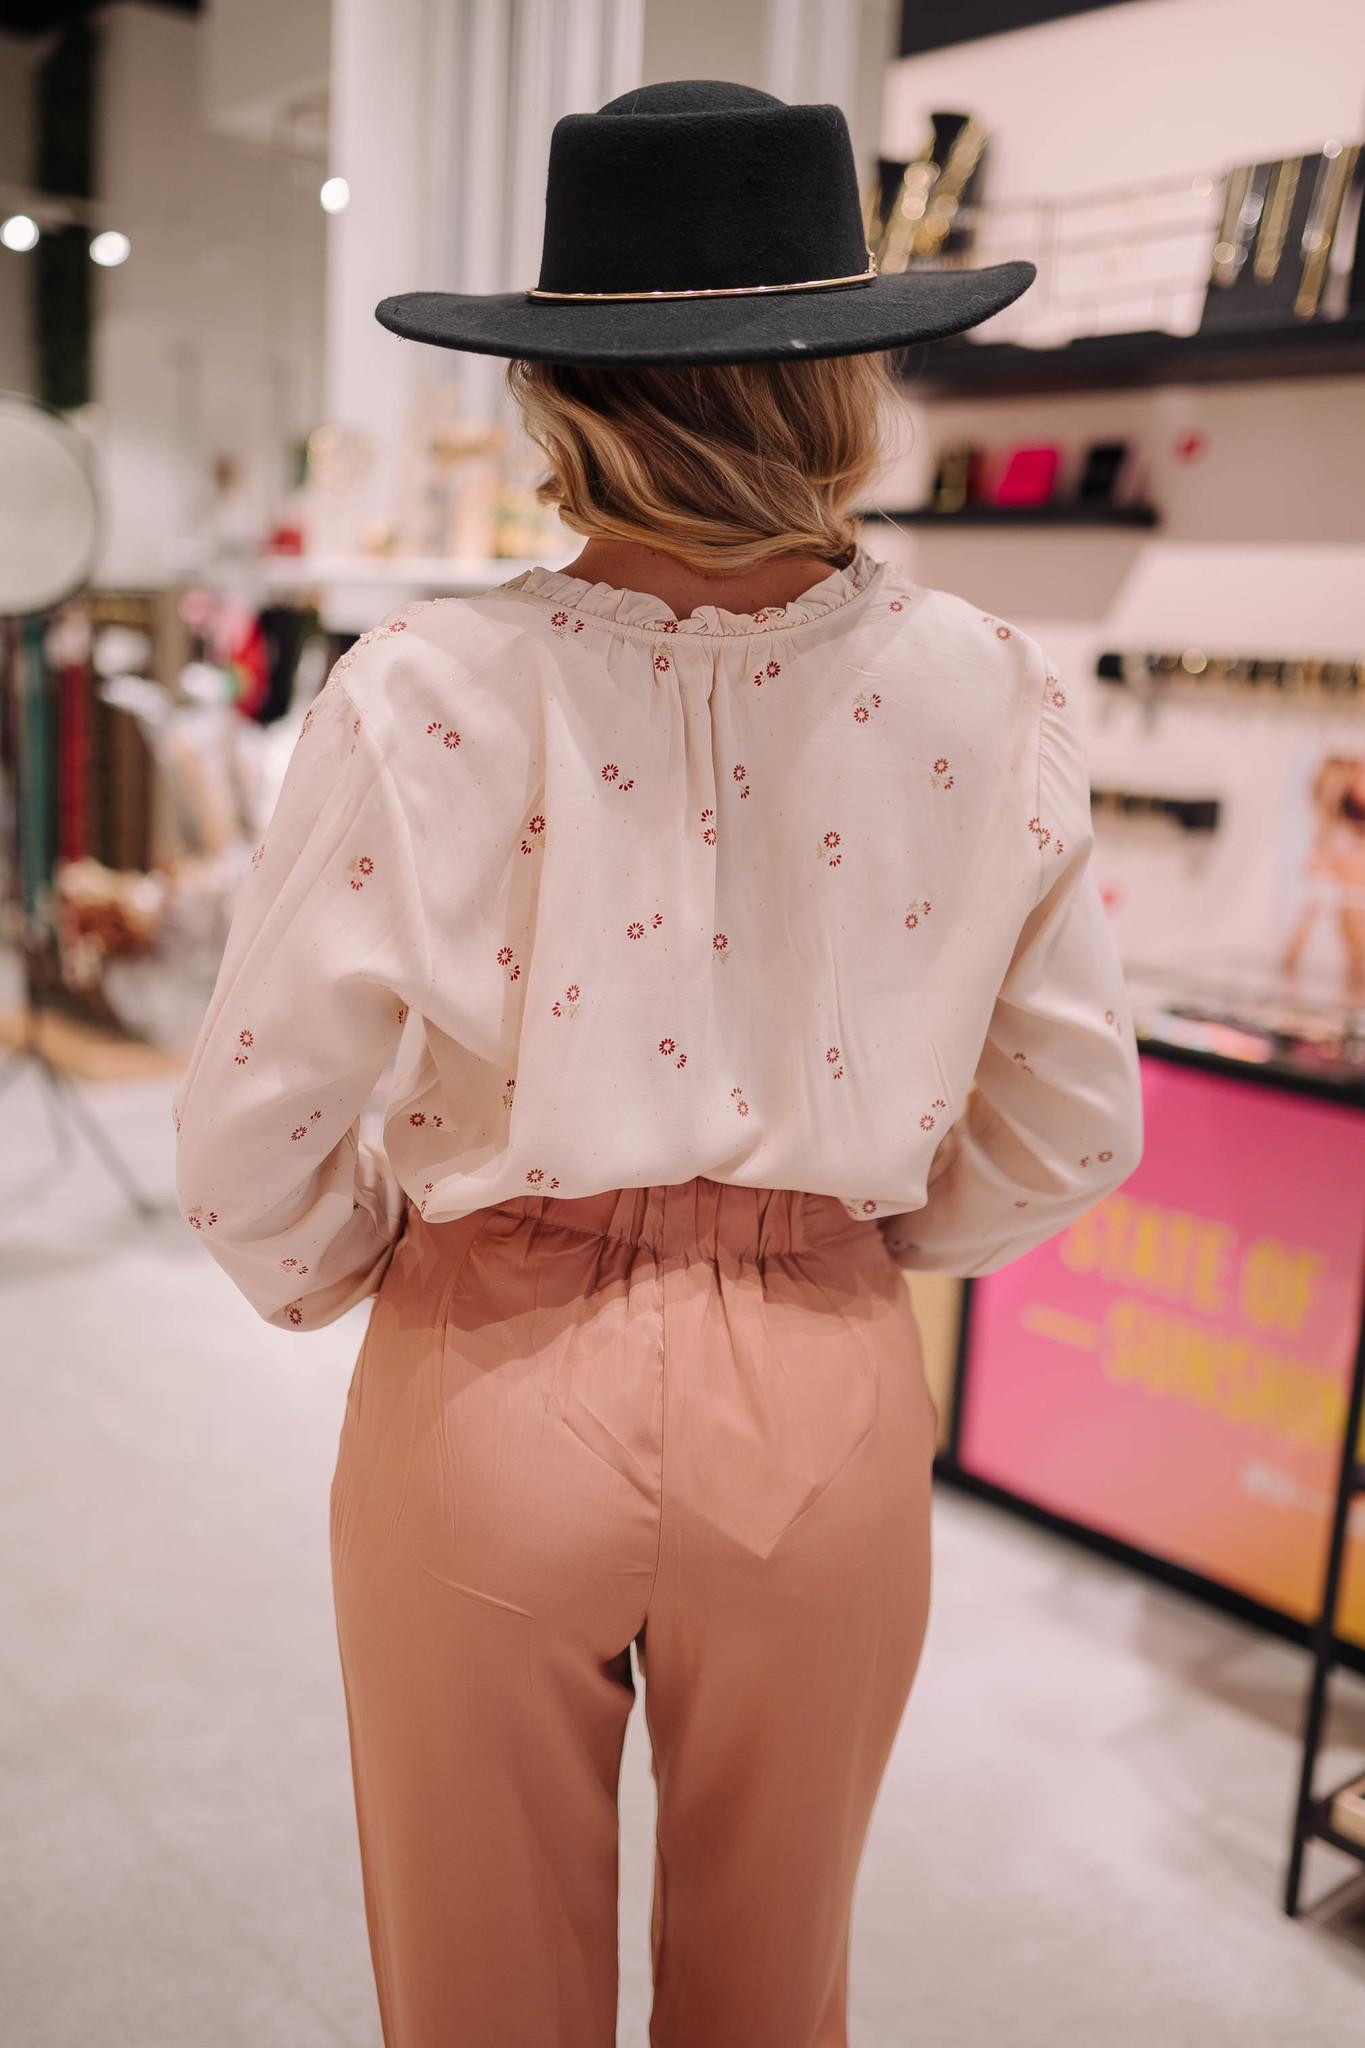 LIMA chemise-4